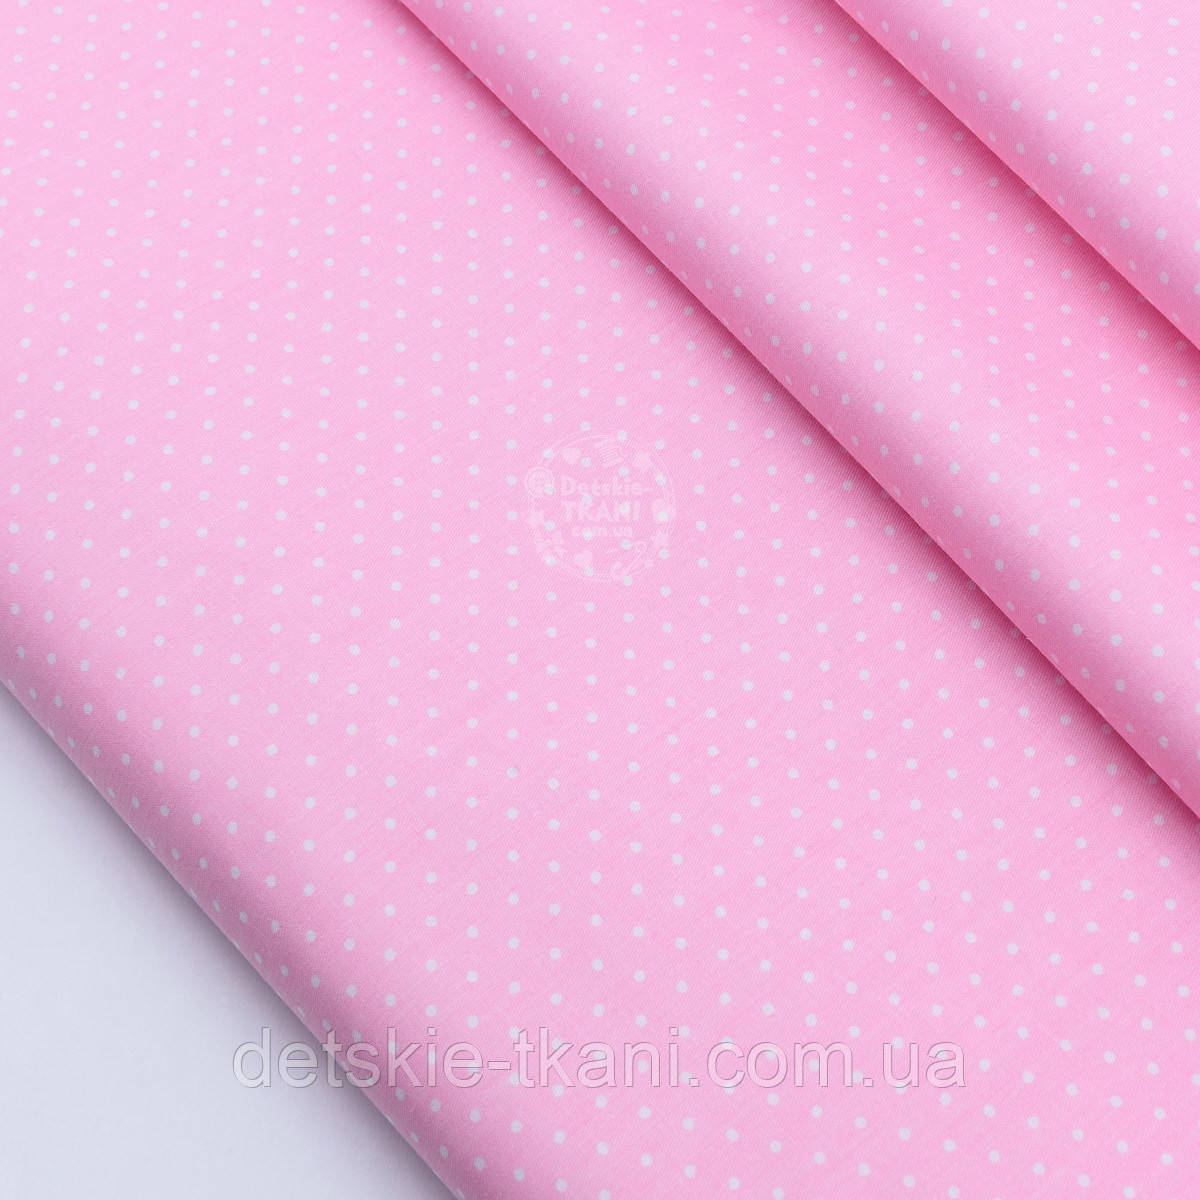 """Сатин ткань """"Белые точки 2 мм"""" на розовом №1793с"""